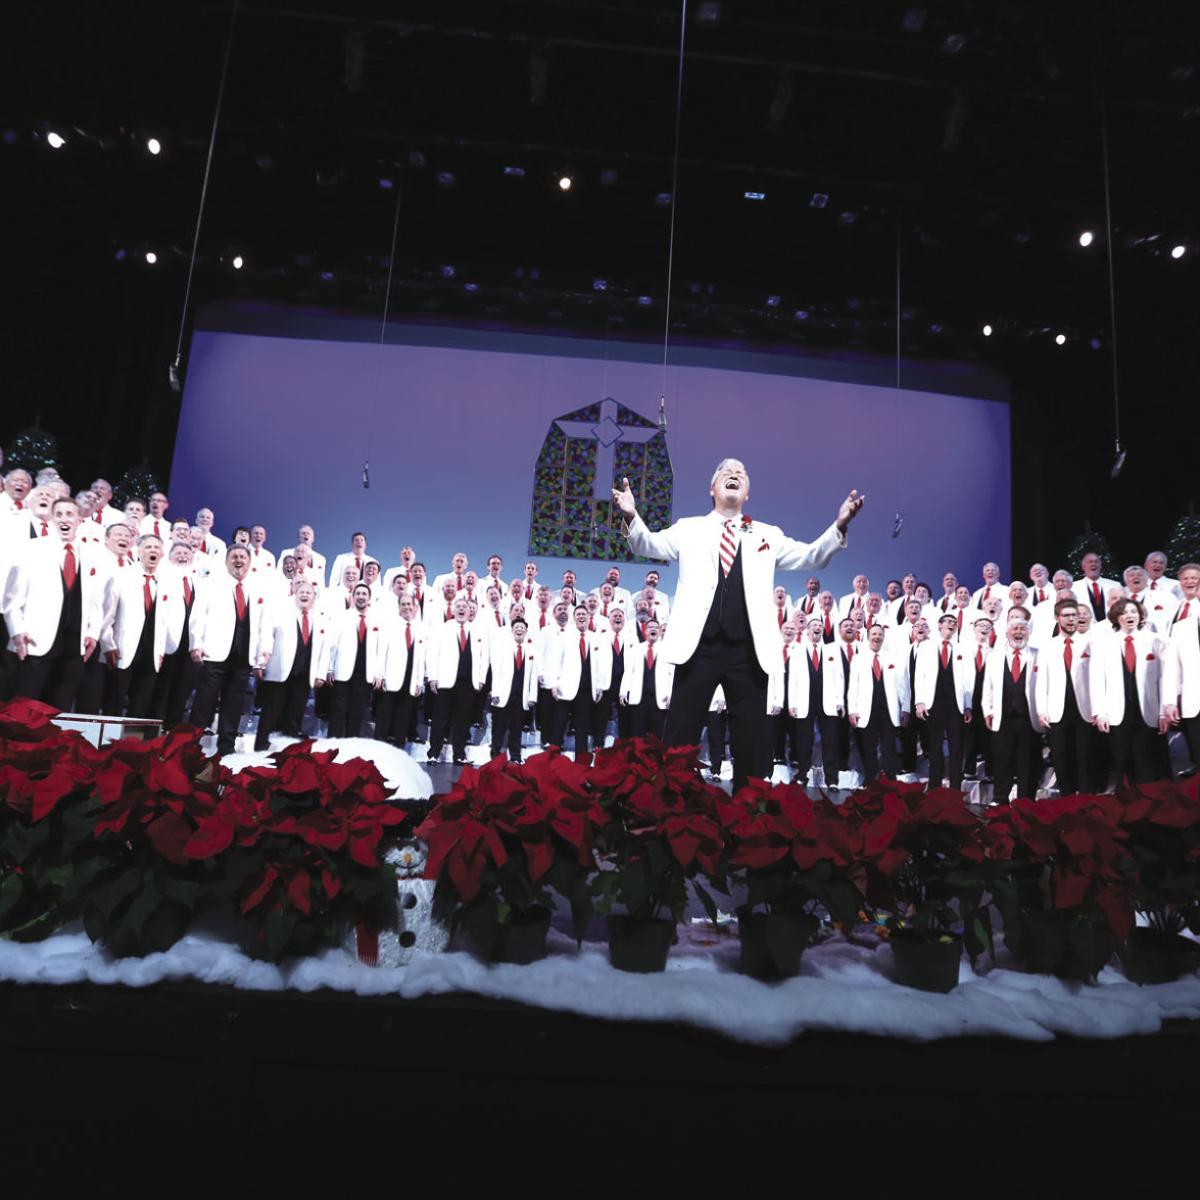 A Polar Express Christmas: 'Vocal